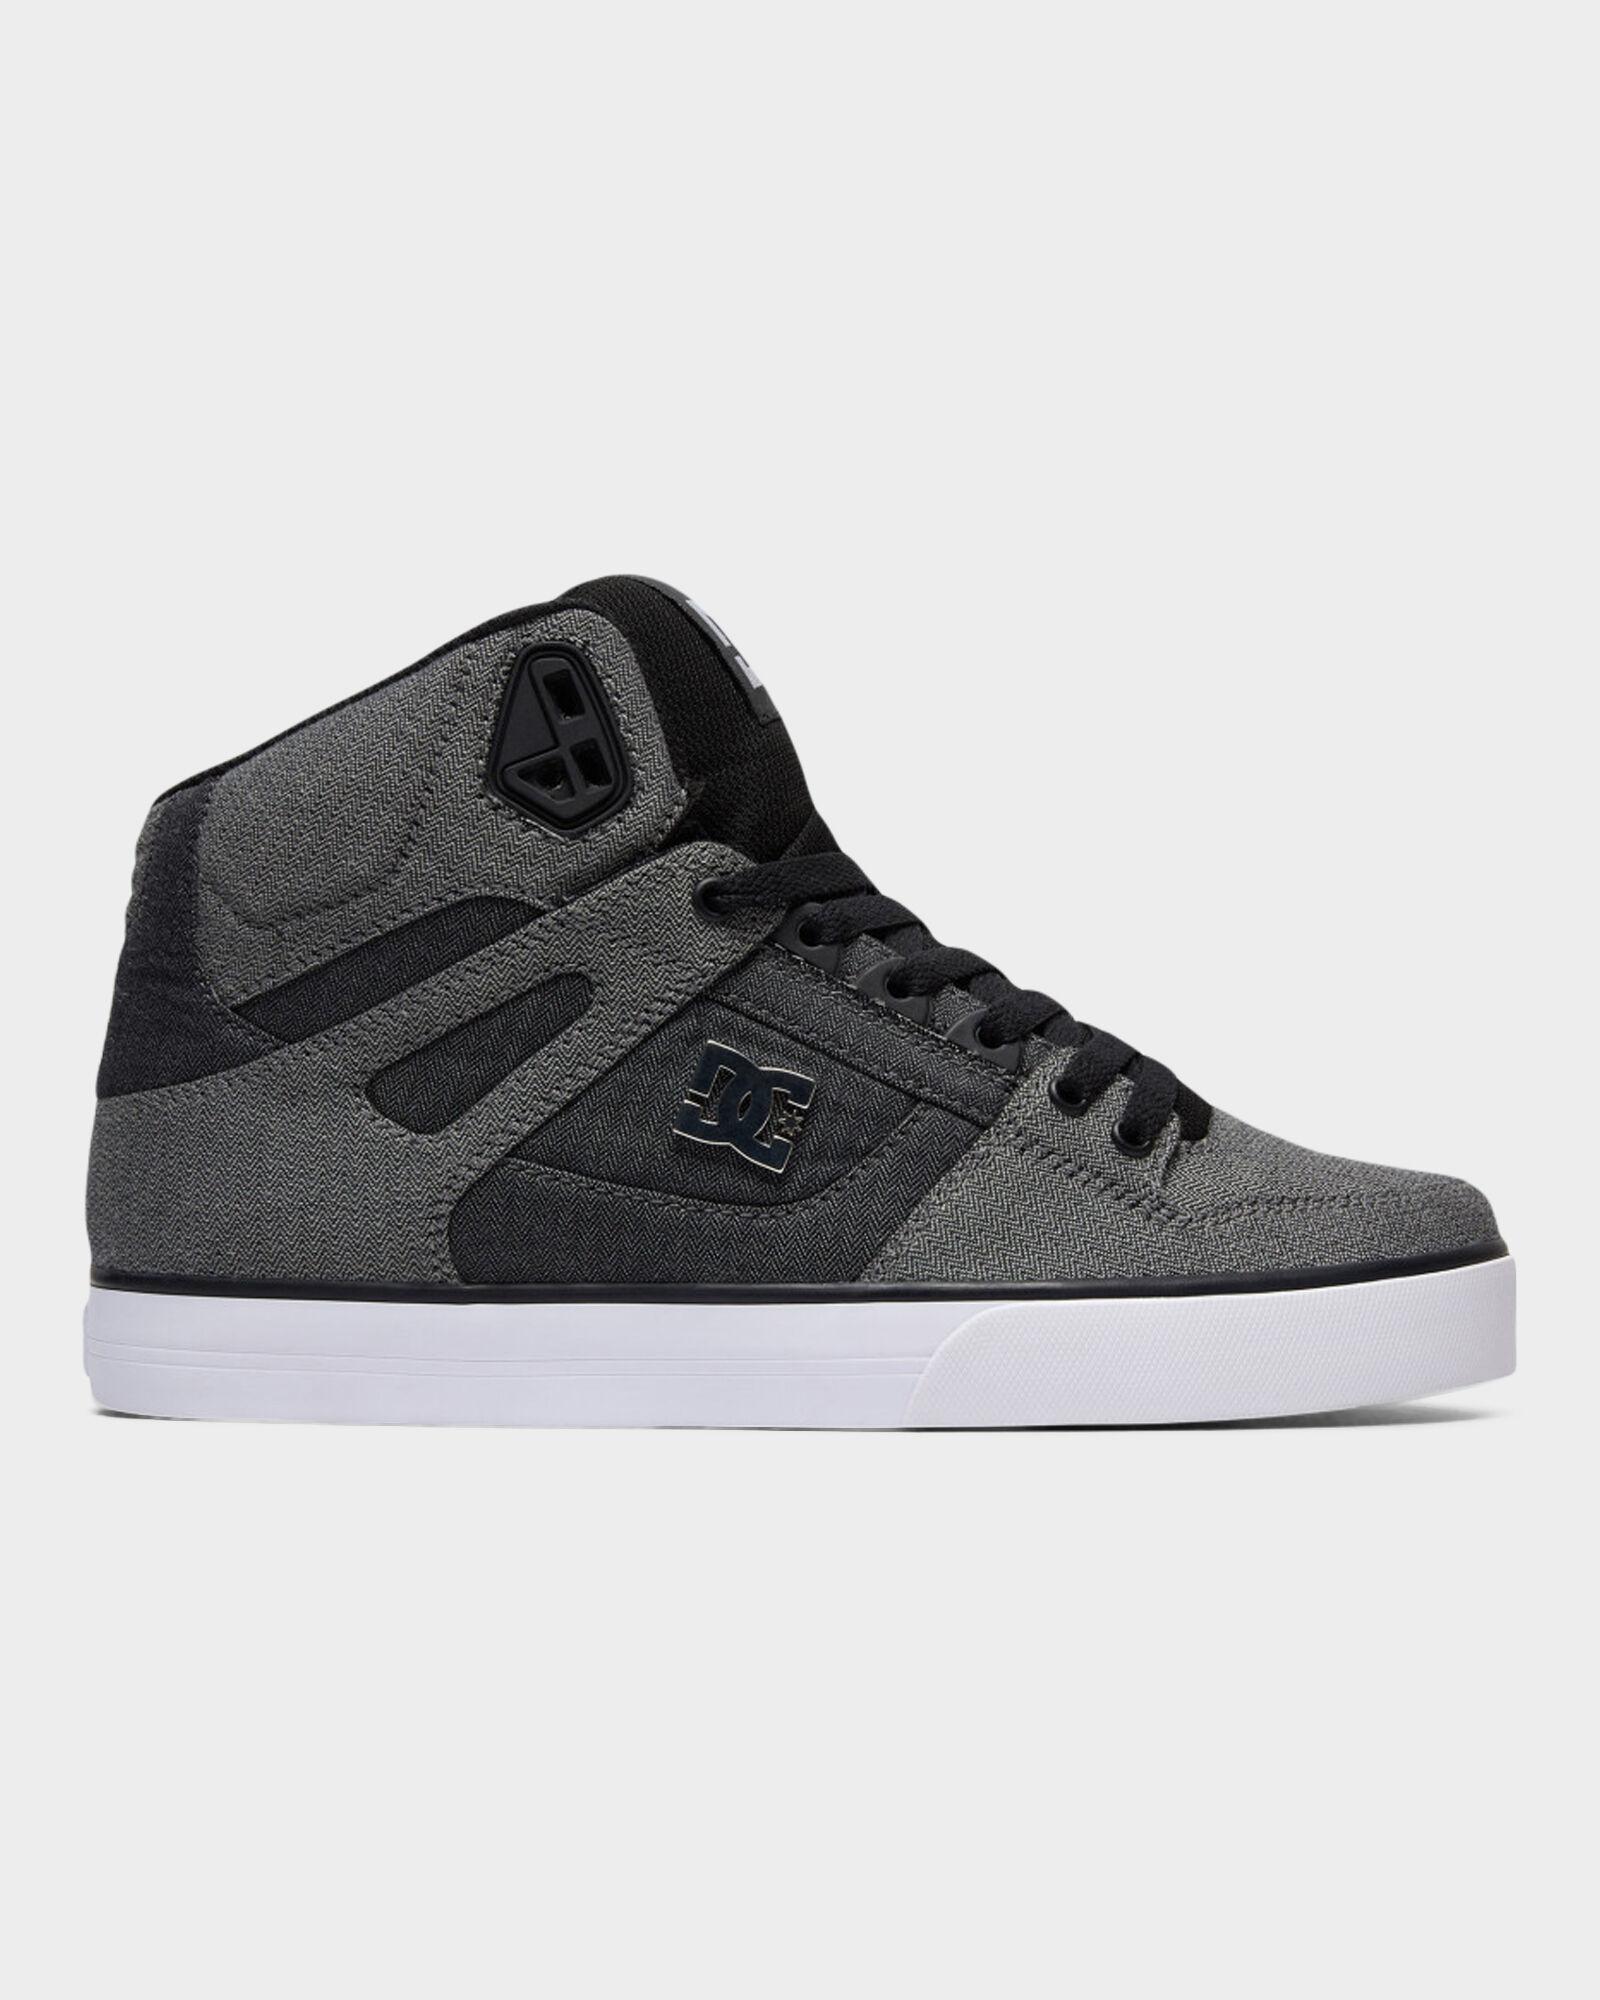 1ddc416f7cf60 New Shop Surf Dc Sale Shoes Amazon More amp; Online 4qPww5E